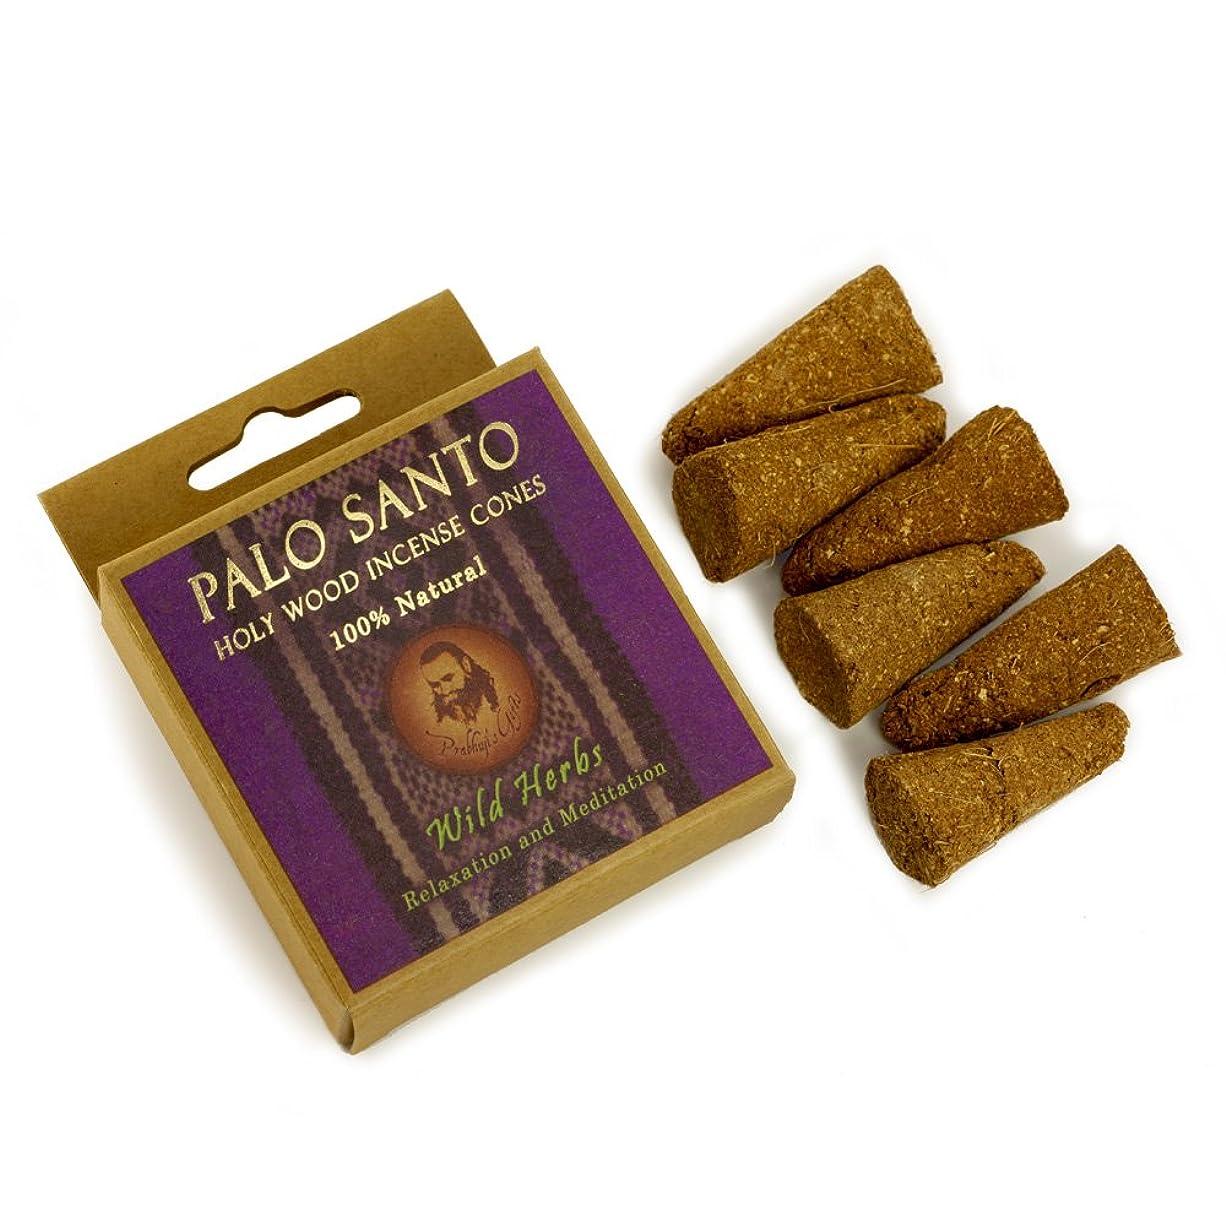 ウナギいま旅Palo Santo and Wild herbs?–?Relaxation &瞑想?–?6?Incense Cones